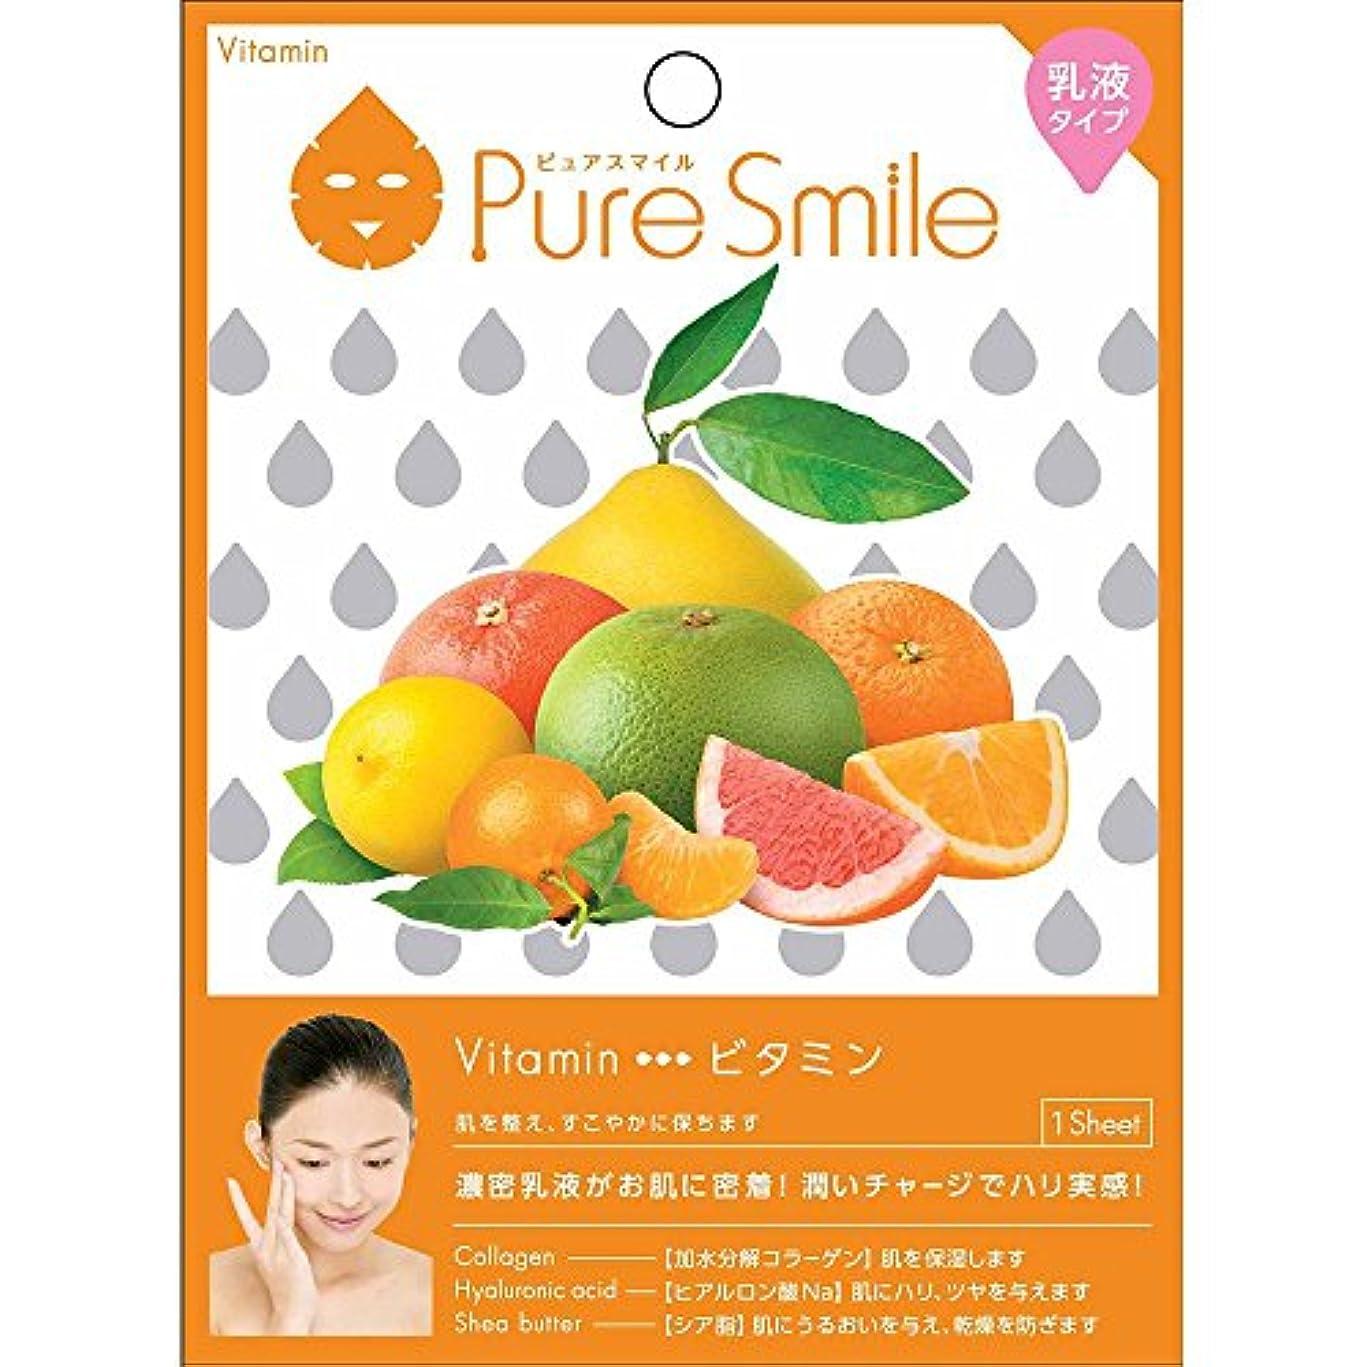 かかわらず驚くばかり不屈Pure Smile(ピュアスマイル) 乳液エッセンスマスク 1 枚 ビタミン